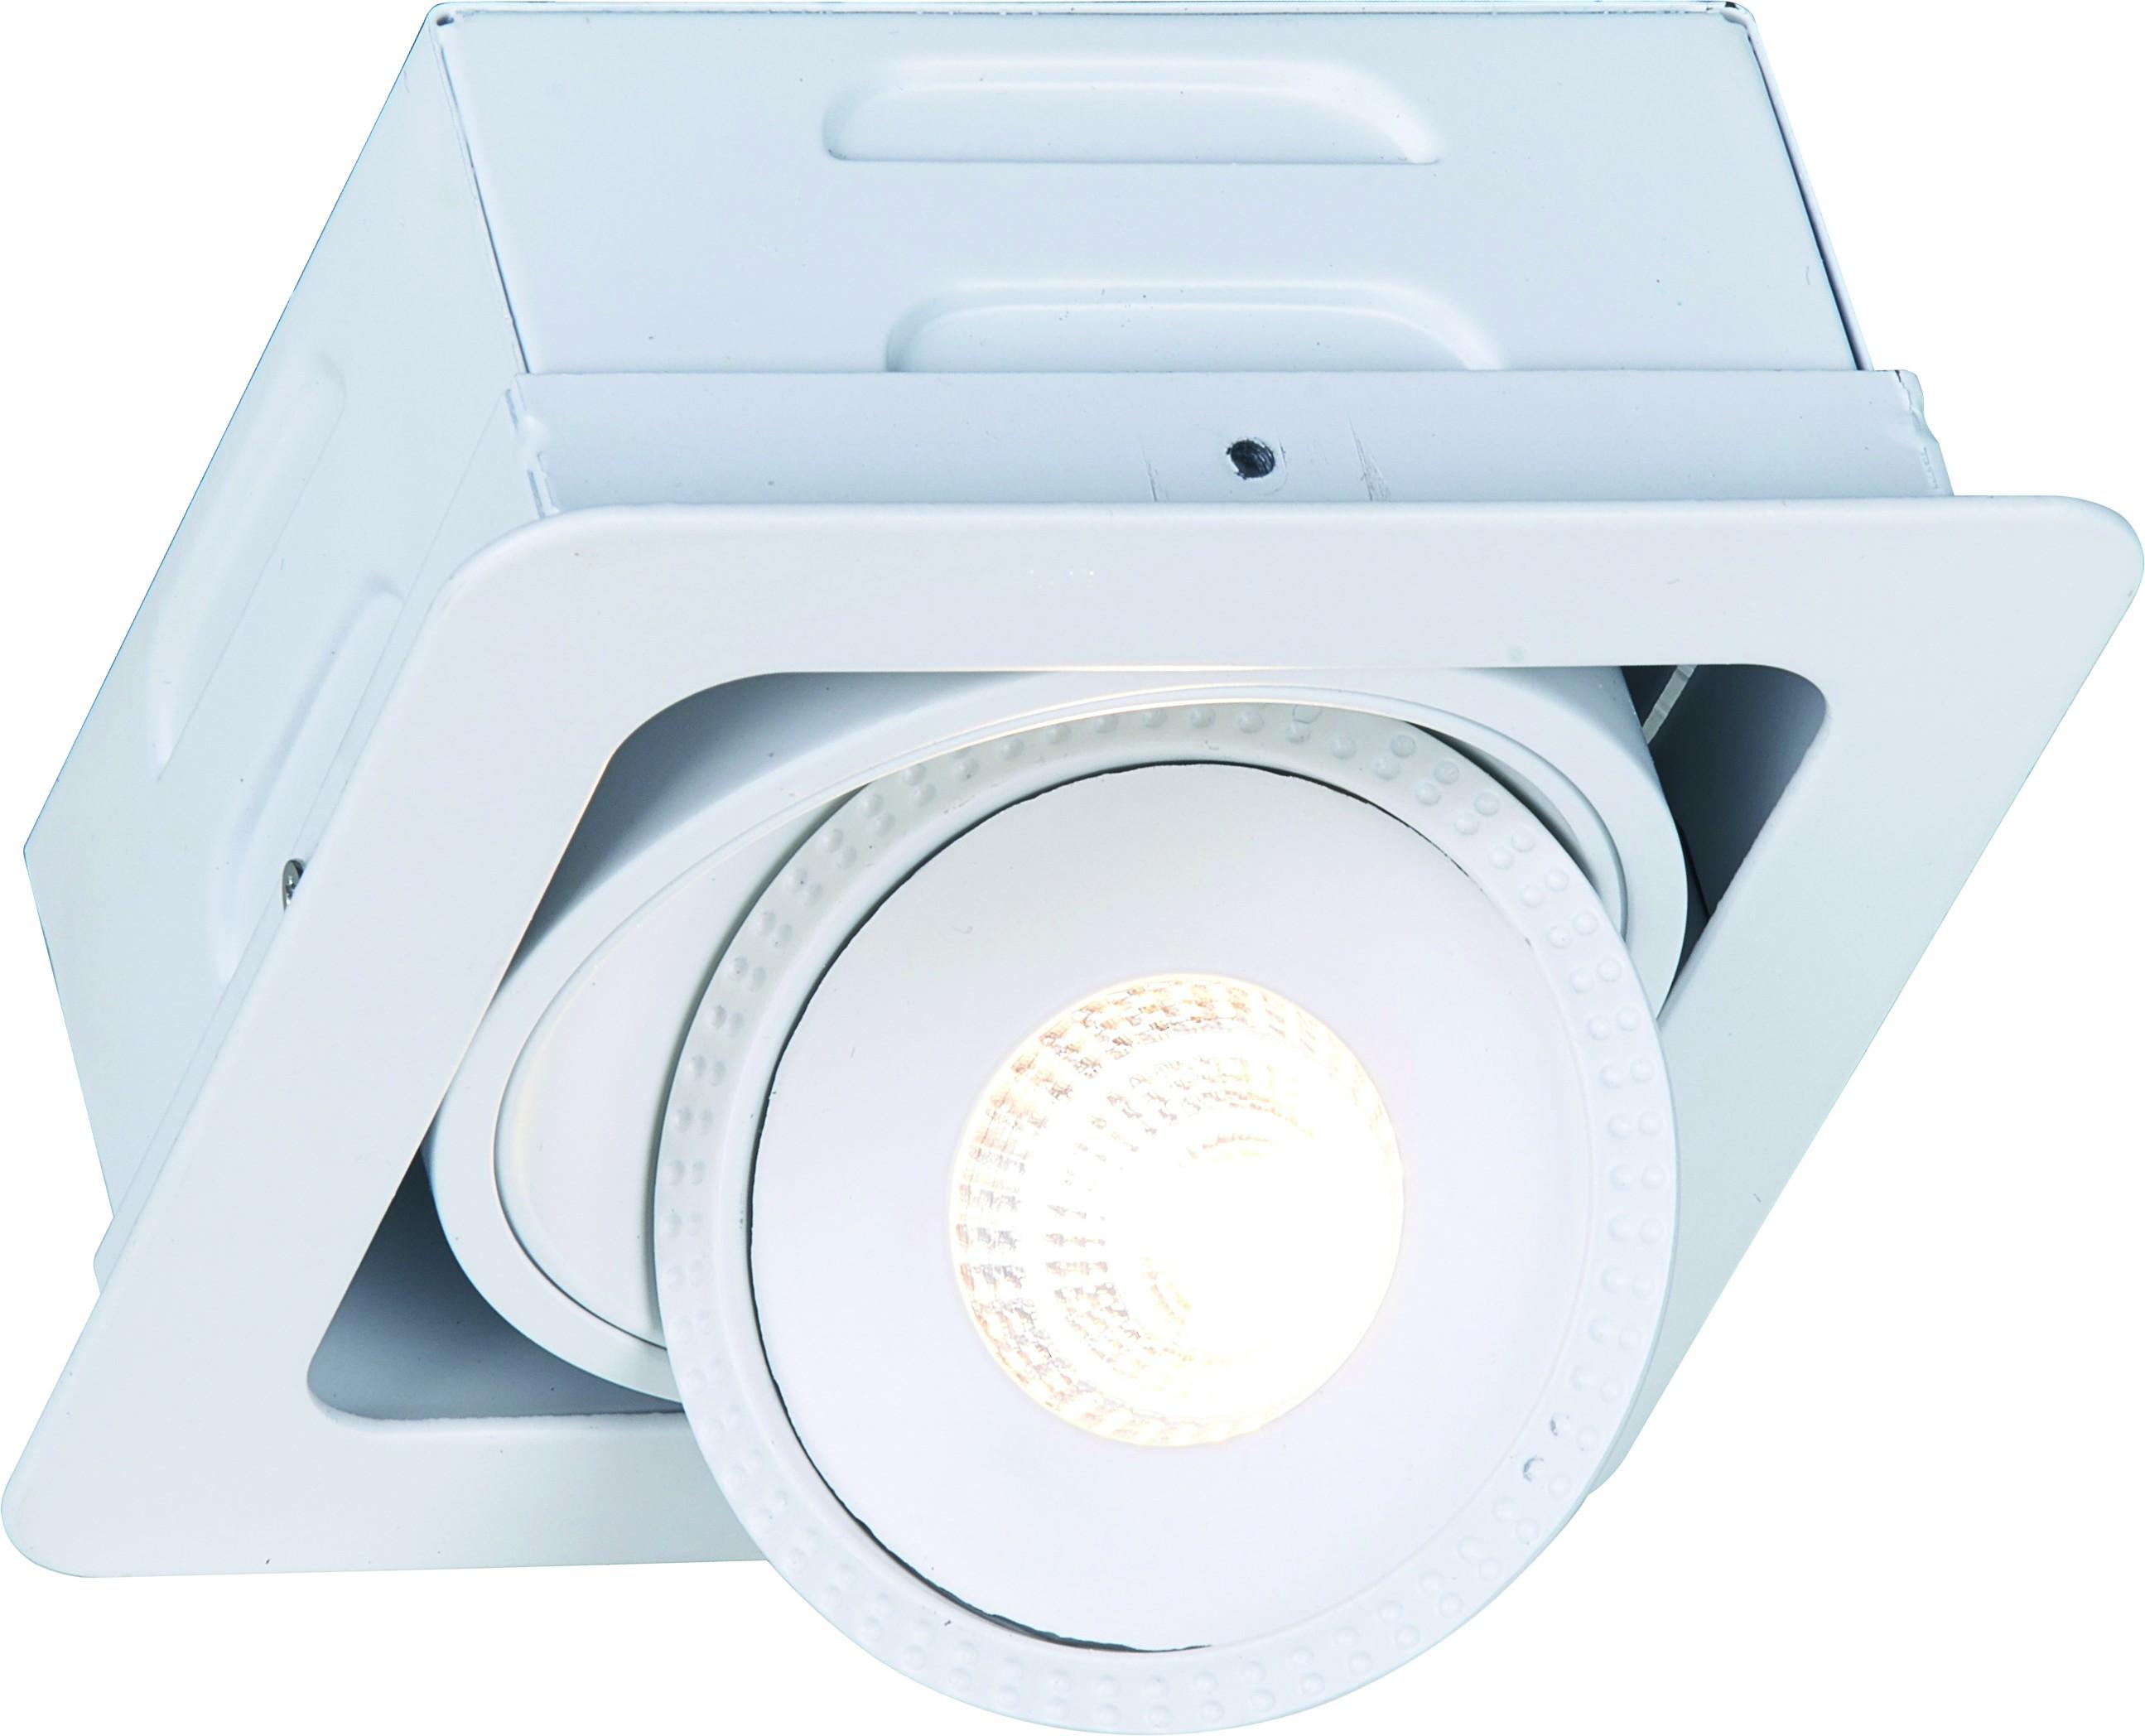 Светильник встраиваемый Arte lamp A3007pl-1wh встраиваемый светильник arte lamp cielo a7314pl 1wh